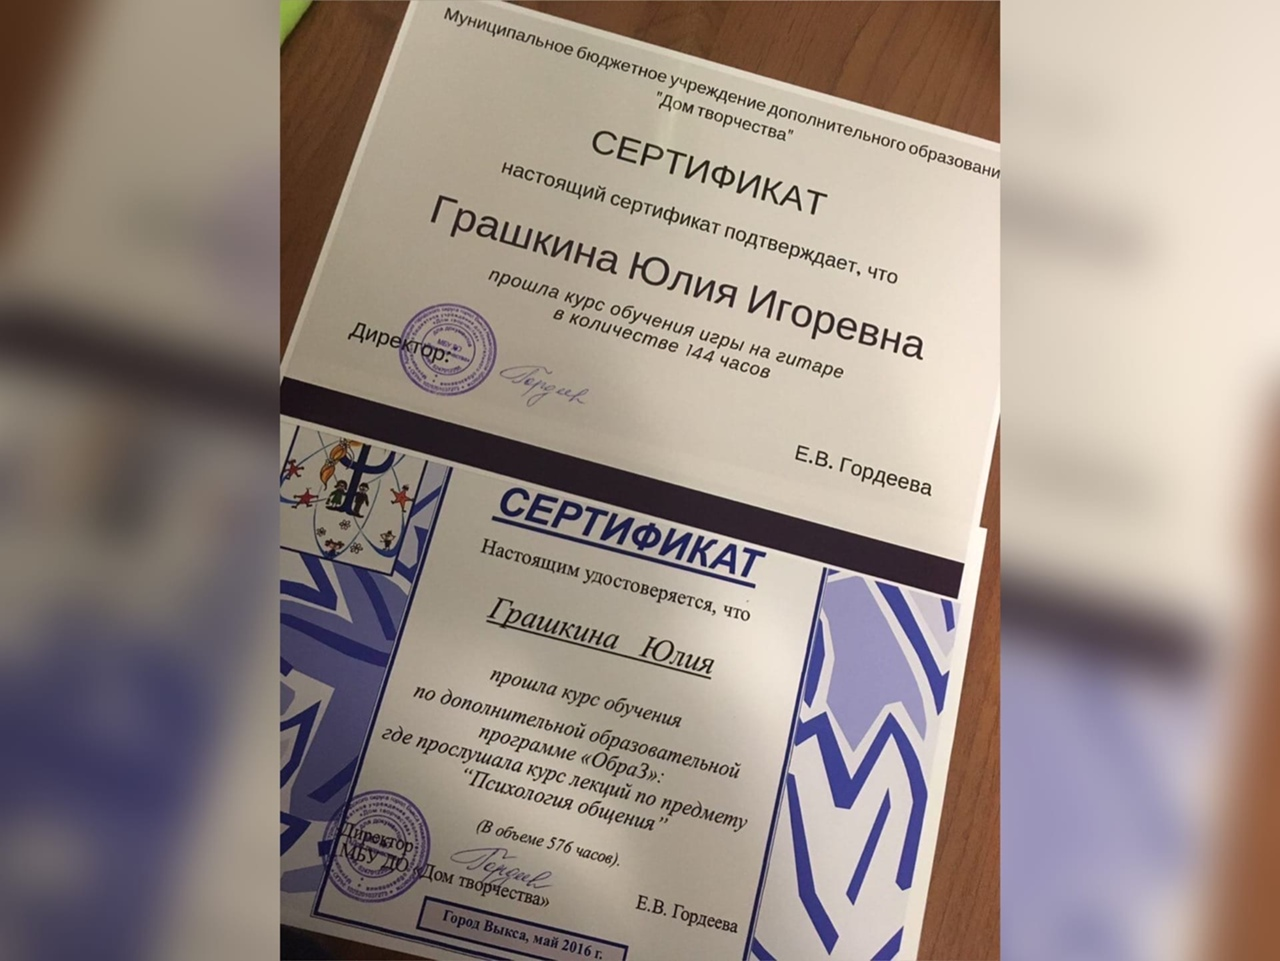 Девушка дня — Юлия Грашкина!